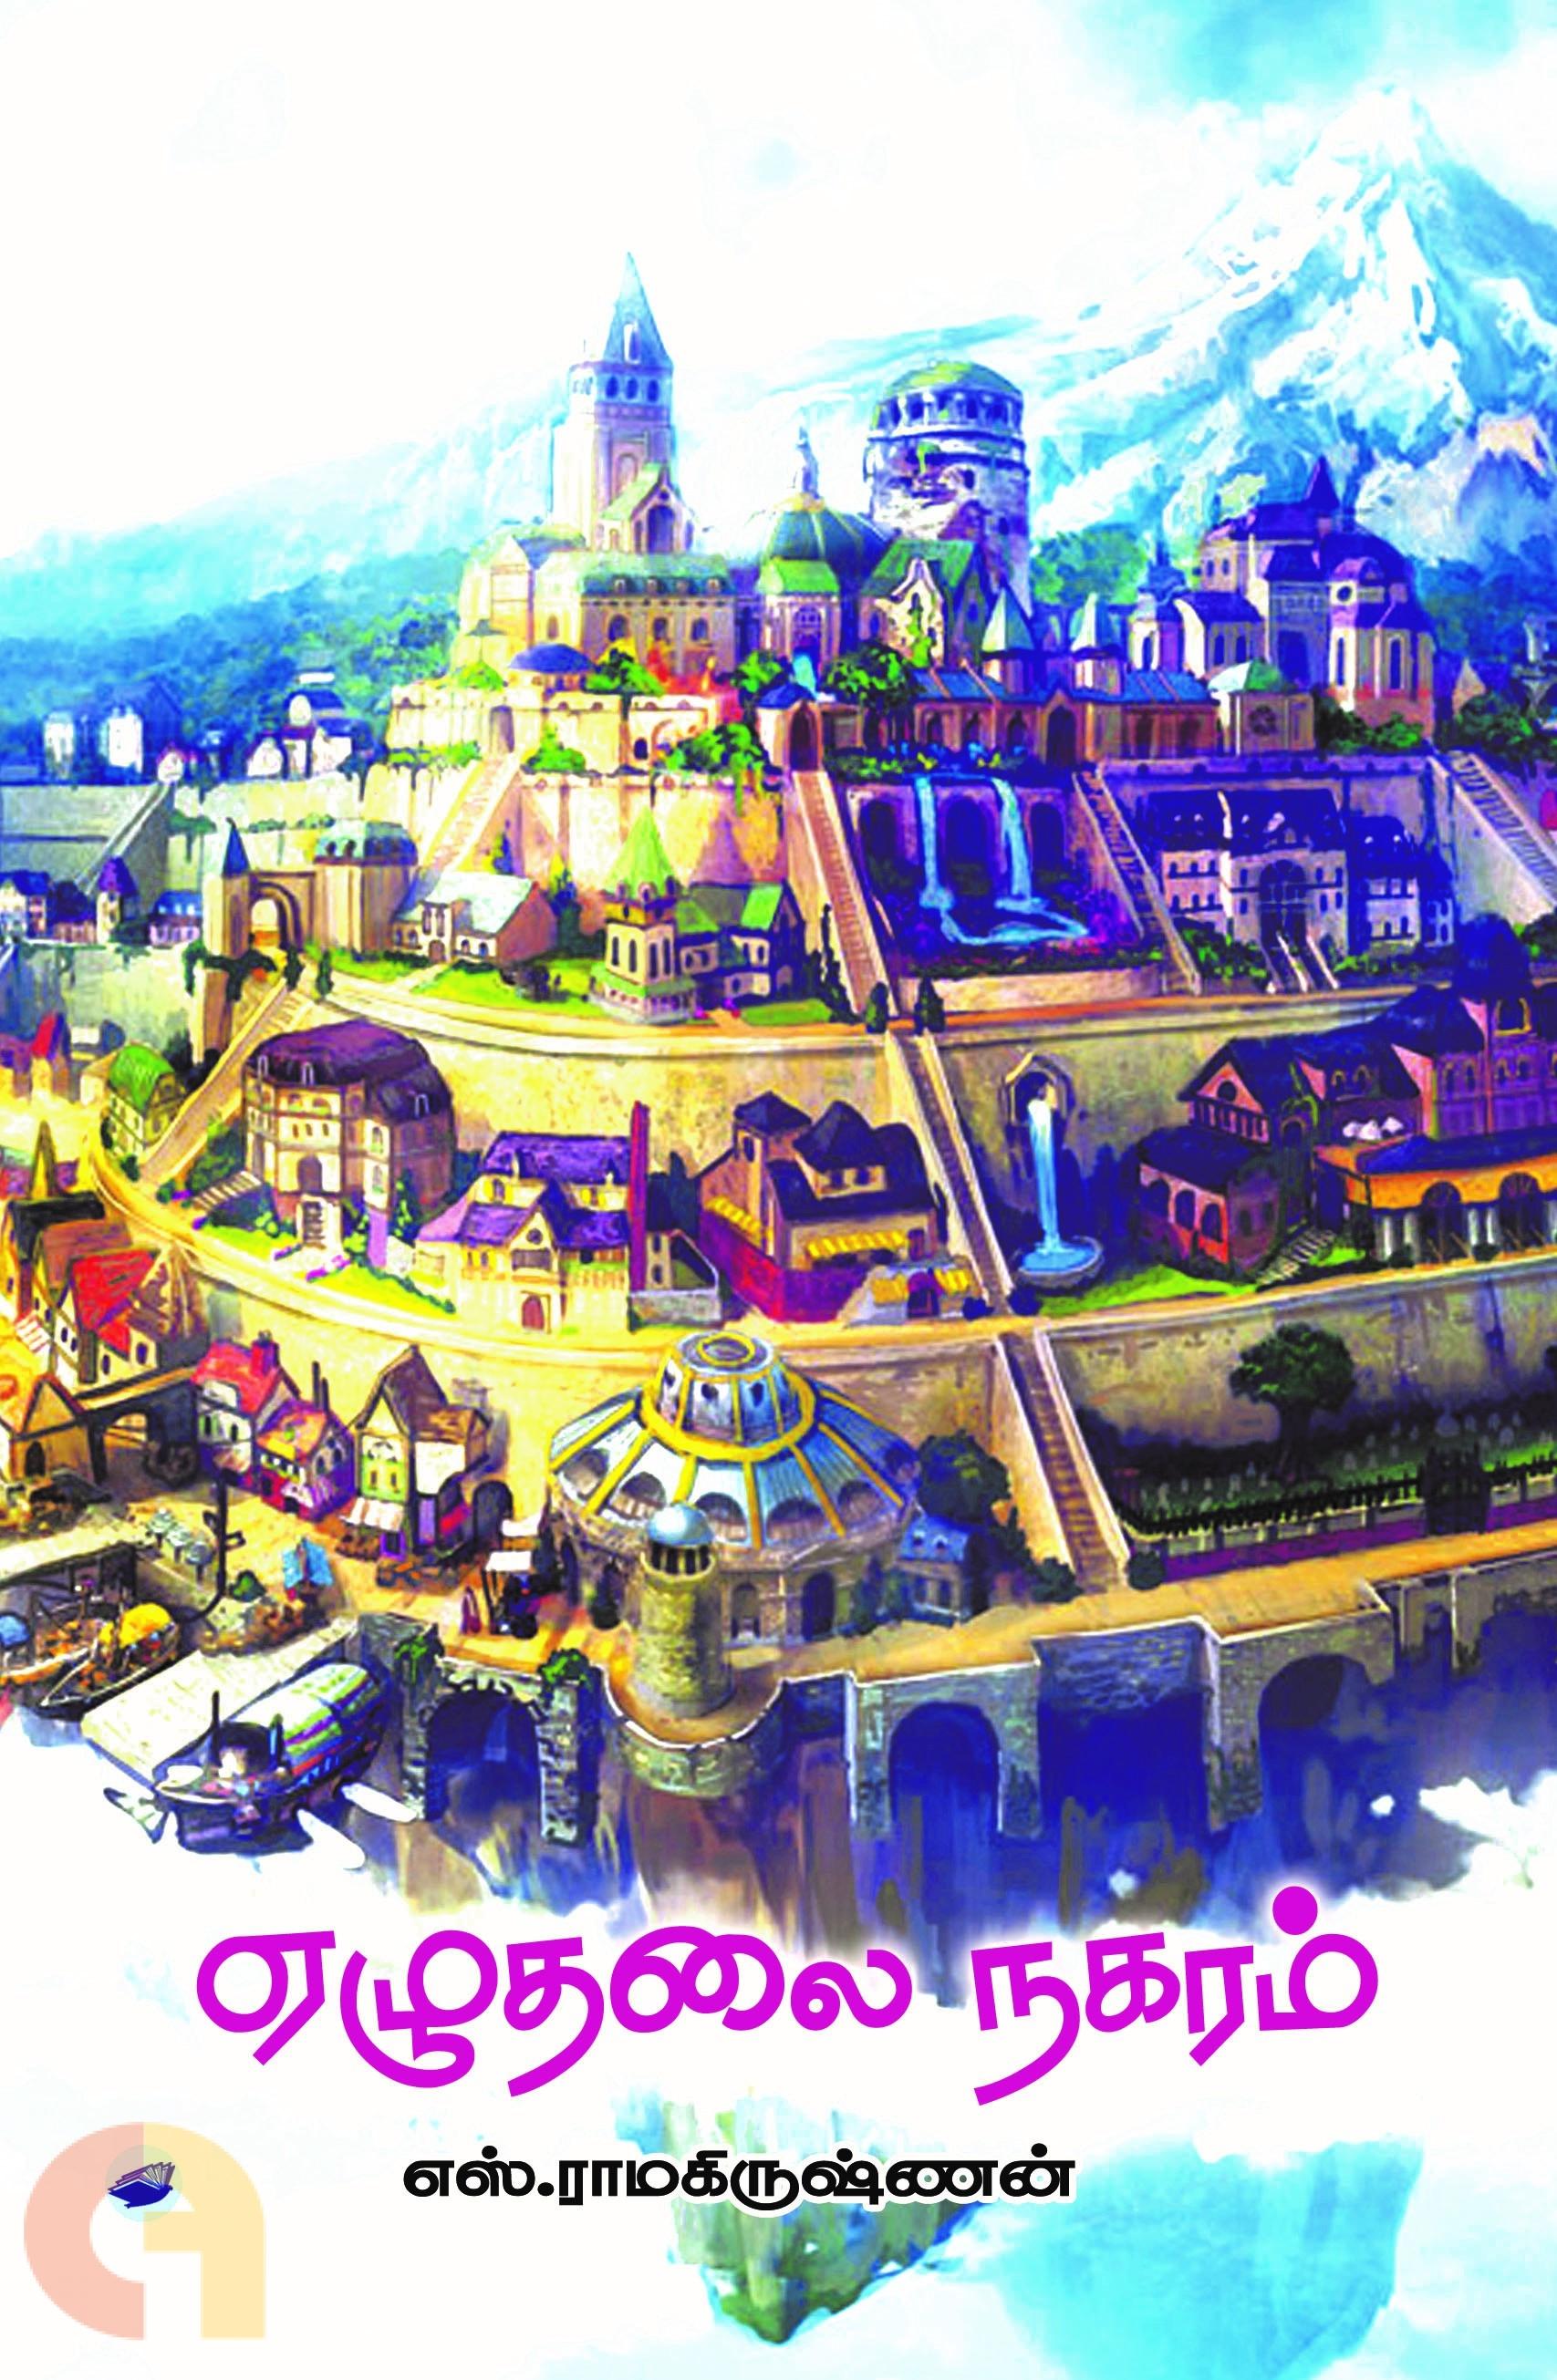 ஏழுதலை நகரம் (தேசாந்திரி)